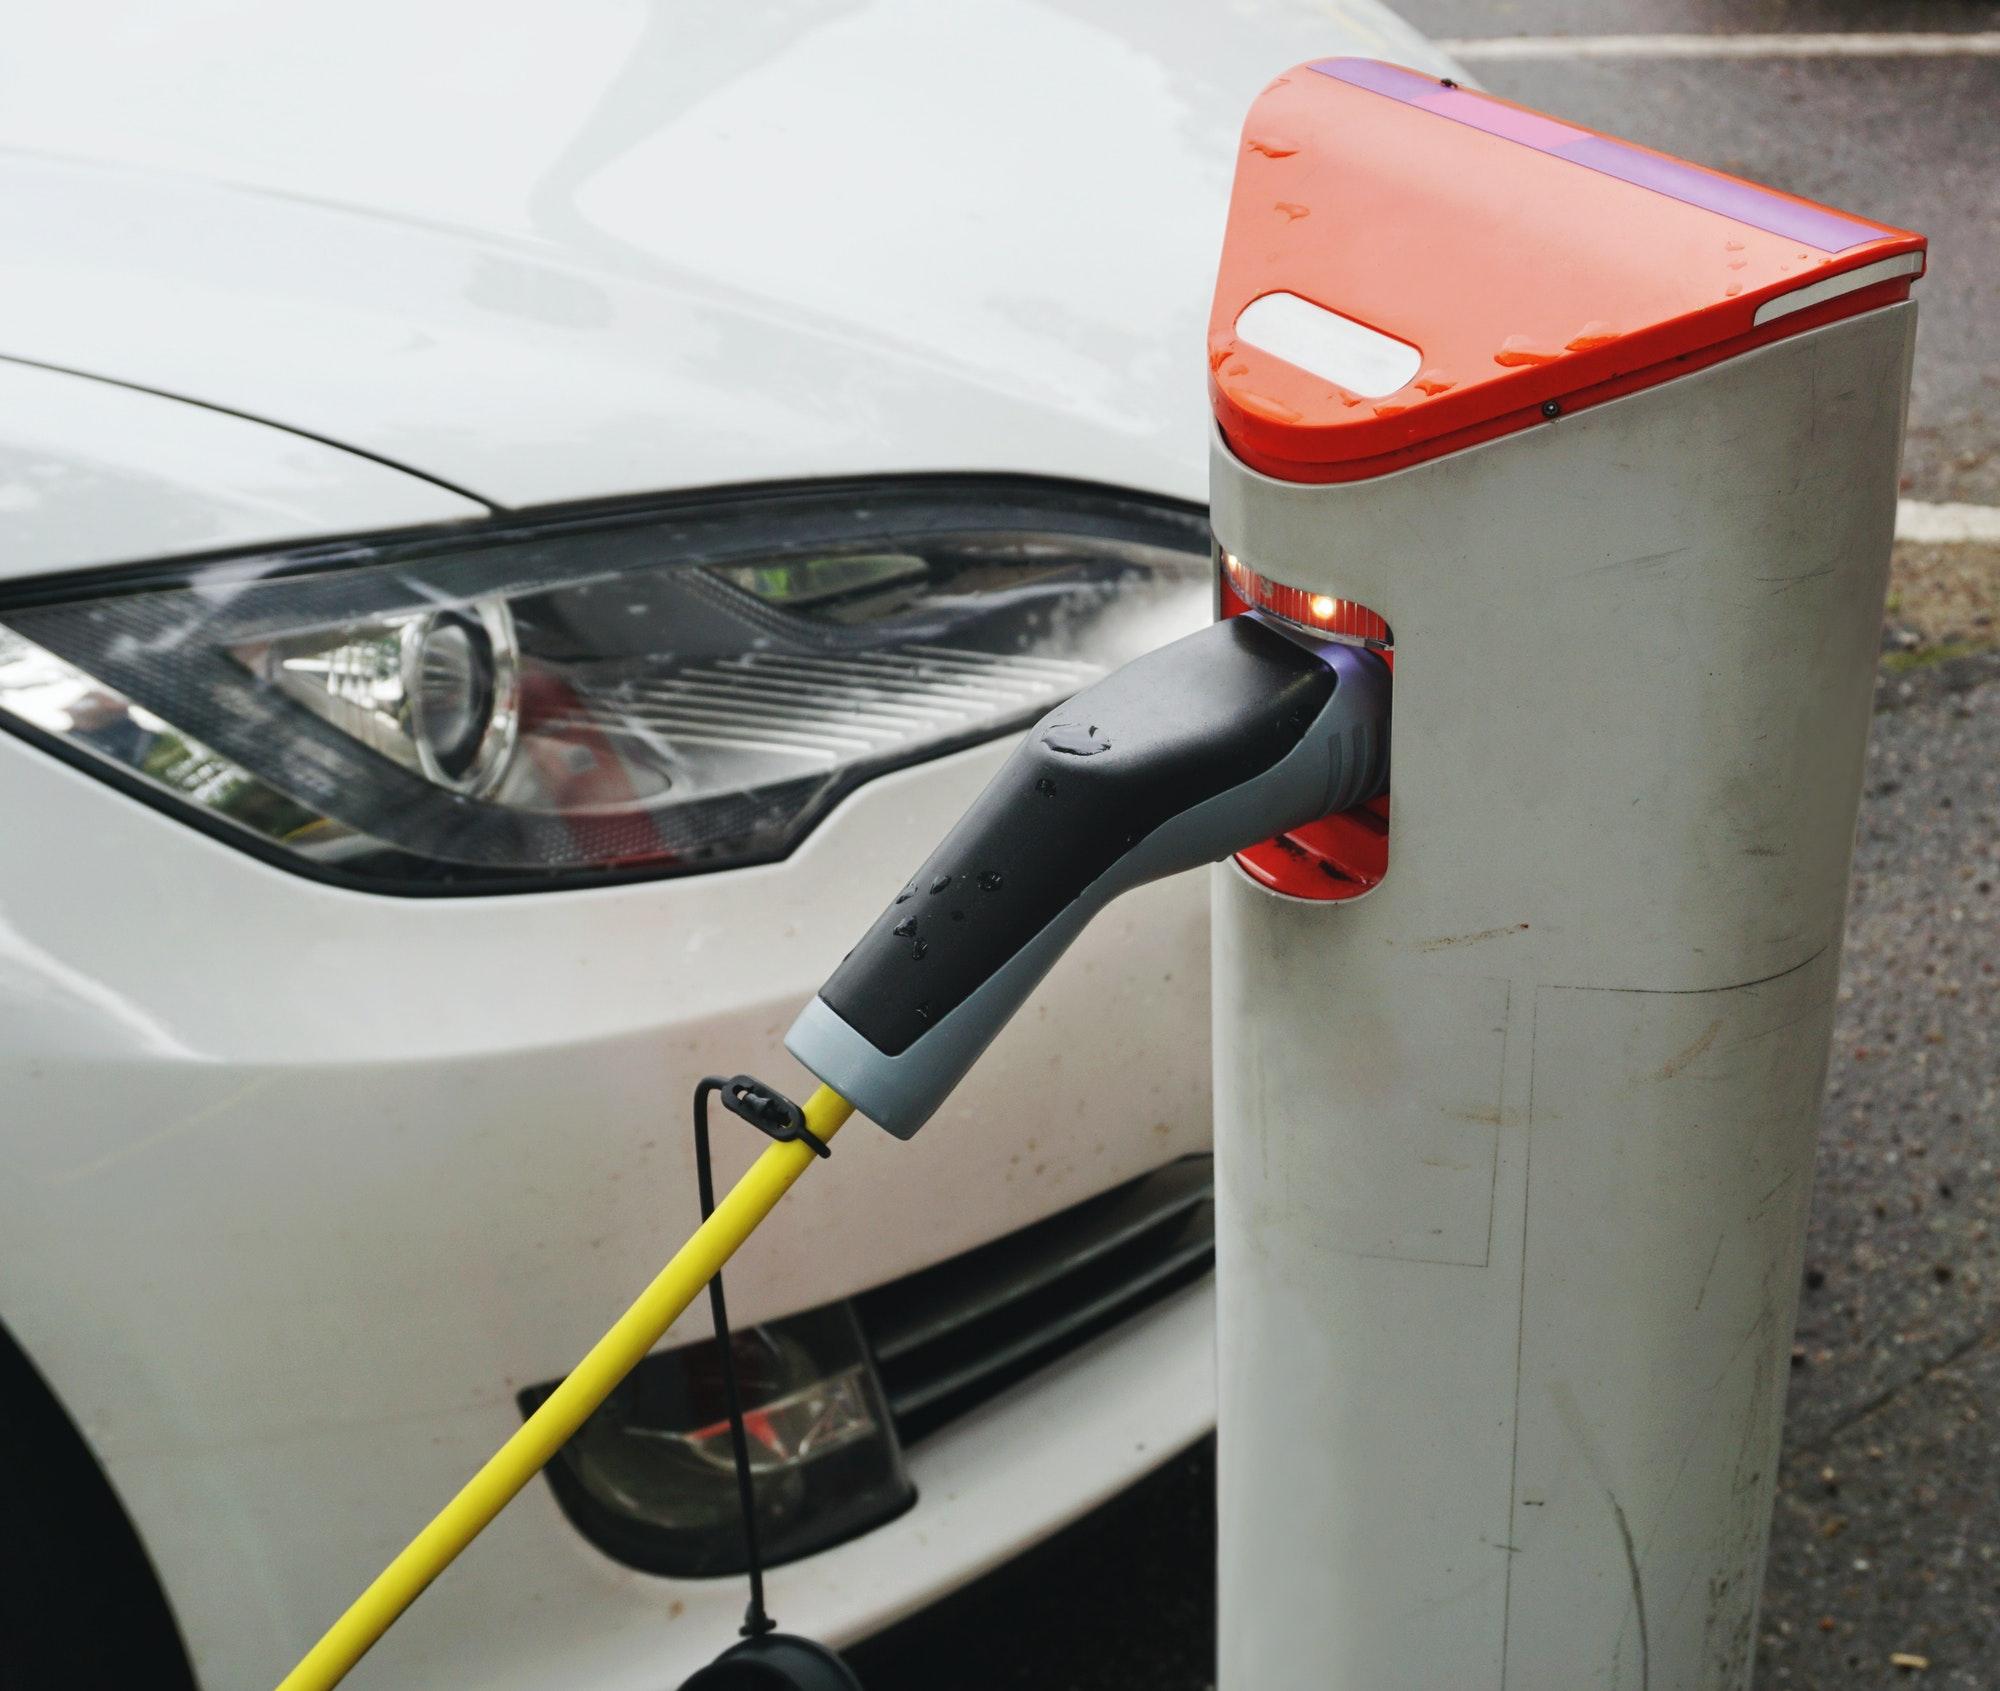 Ladestand - ladeboks hjemme til elbil, få professionel montering og rådgivning af vores elinstallatør i København og i Nordsjælland